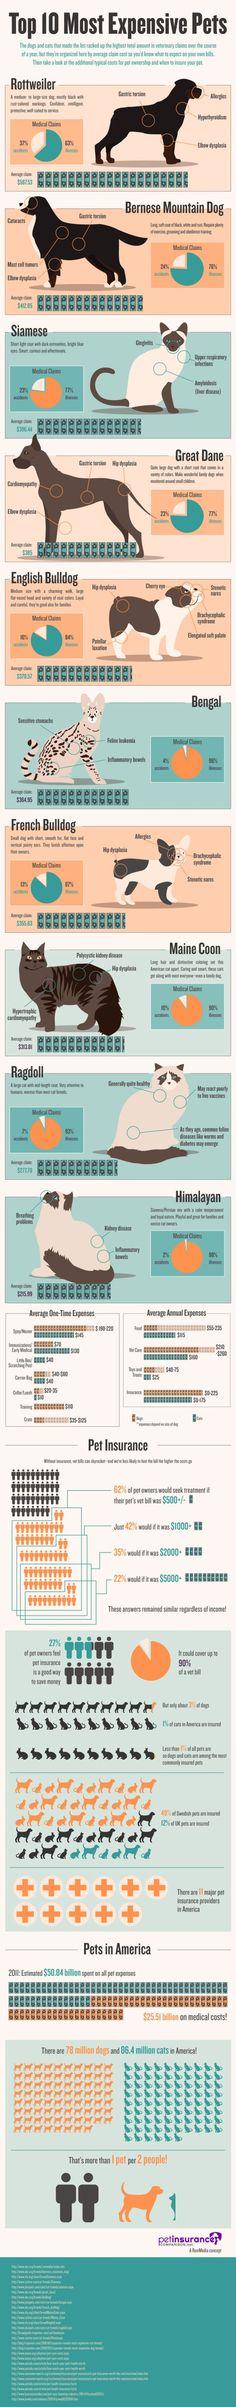 Pet-Insurance-Comparison-Infographic-1